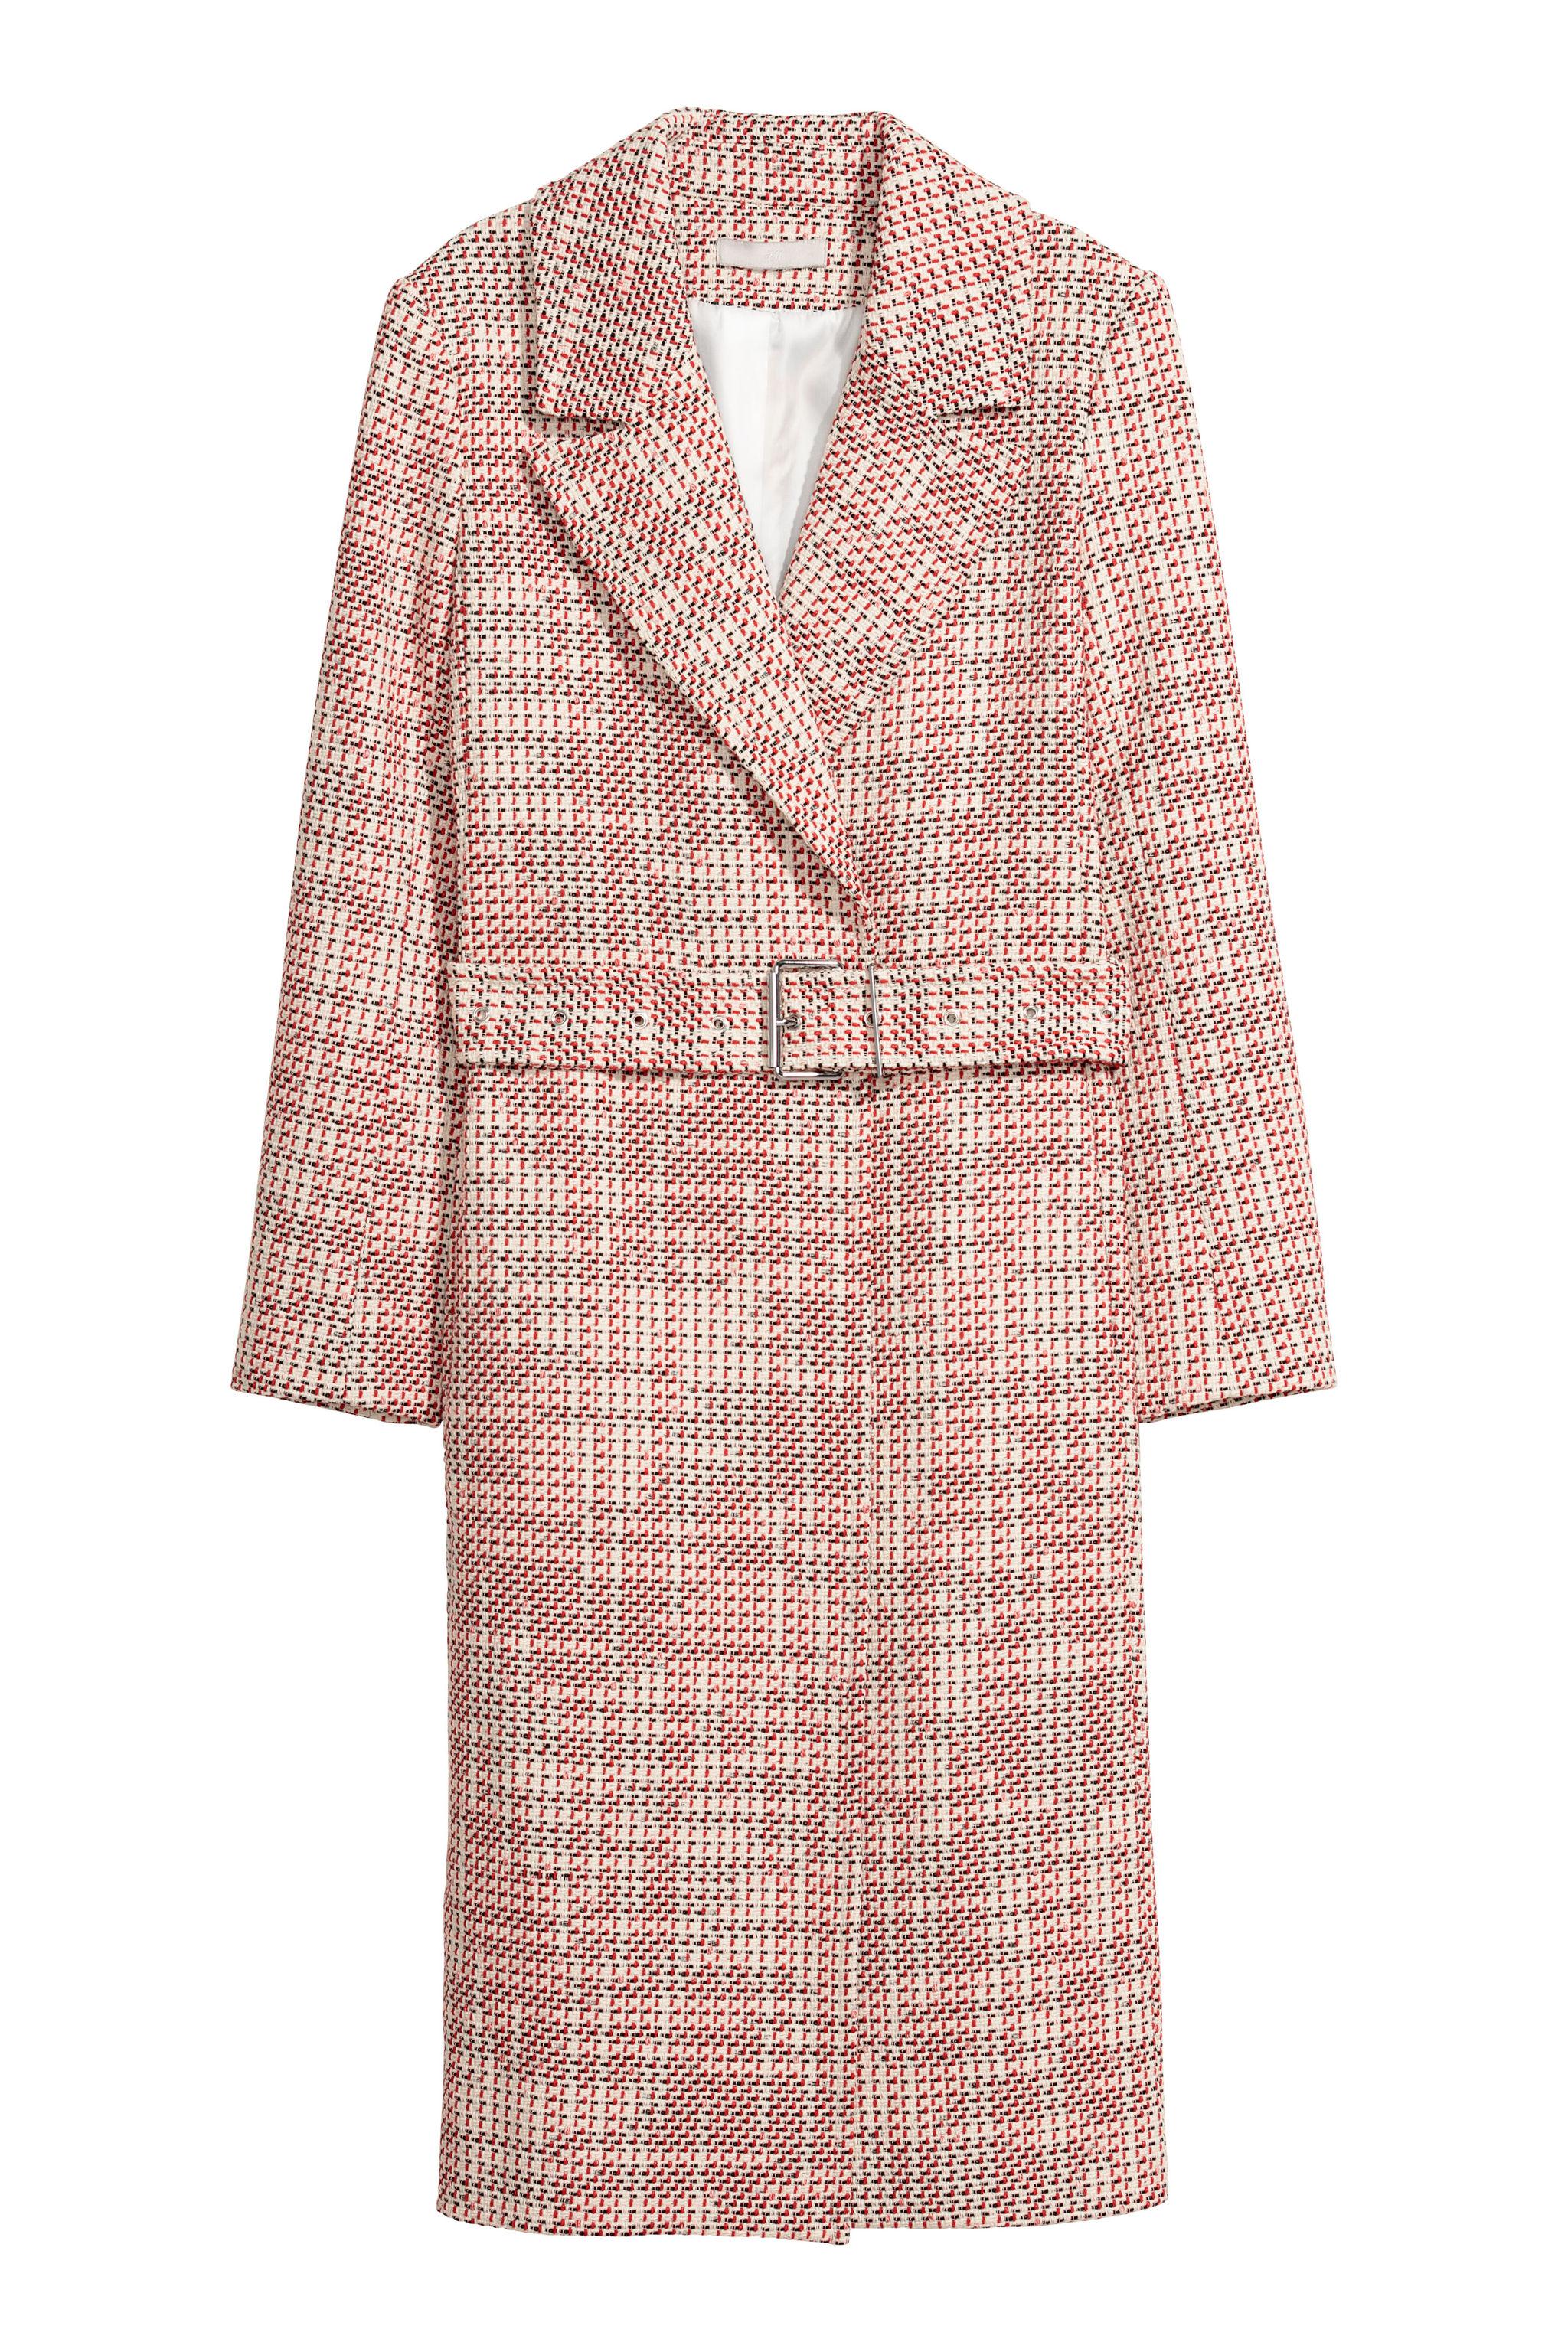 Abrigo largo en rosa p